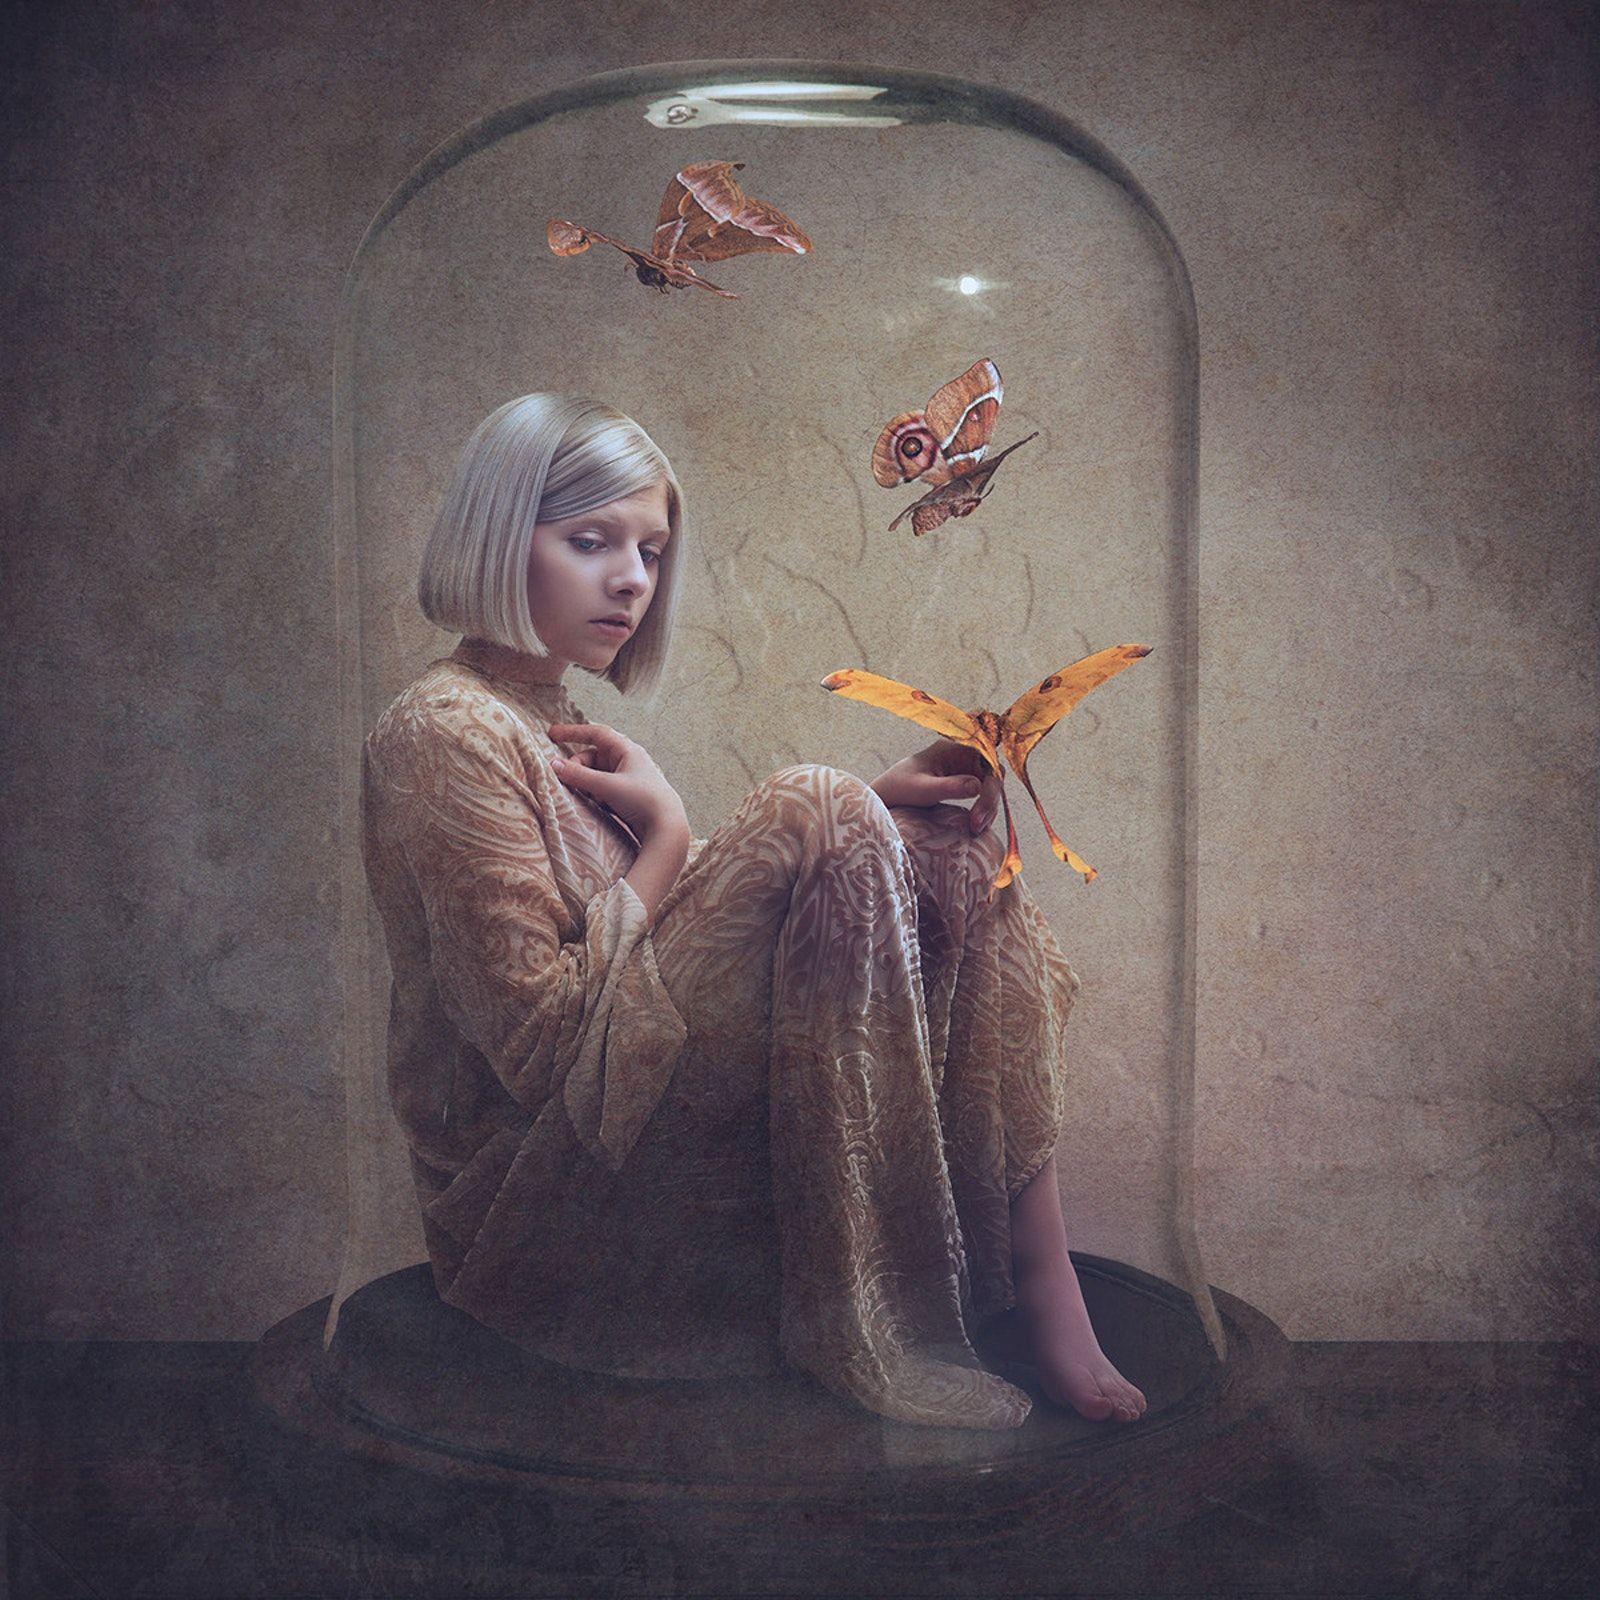 Fotografia do álbum All My Demons Greeting Me As A Friend, da cantora AURORA. A foto tem um fundo escuro com grande foco de iluminação ao centro, onde está a cantora, uma mulher branca de cabelos loiros e curtos, e olhos azuis. AURORA está vestindo um longo vestido bege com detalhes em marrom. Ela está sentada dentro de uma grande cúpula de vidro. E junto com ela estão três borboletas de tons branco, marrom, laranja e amarelo.